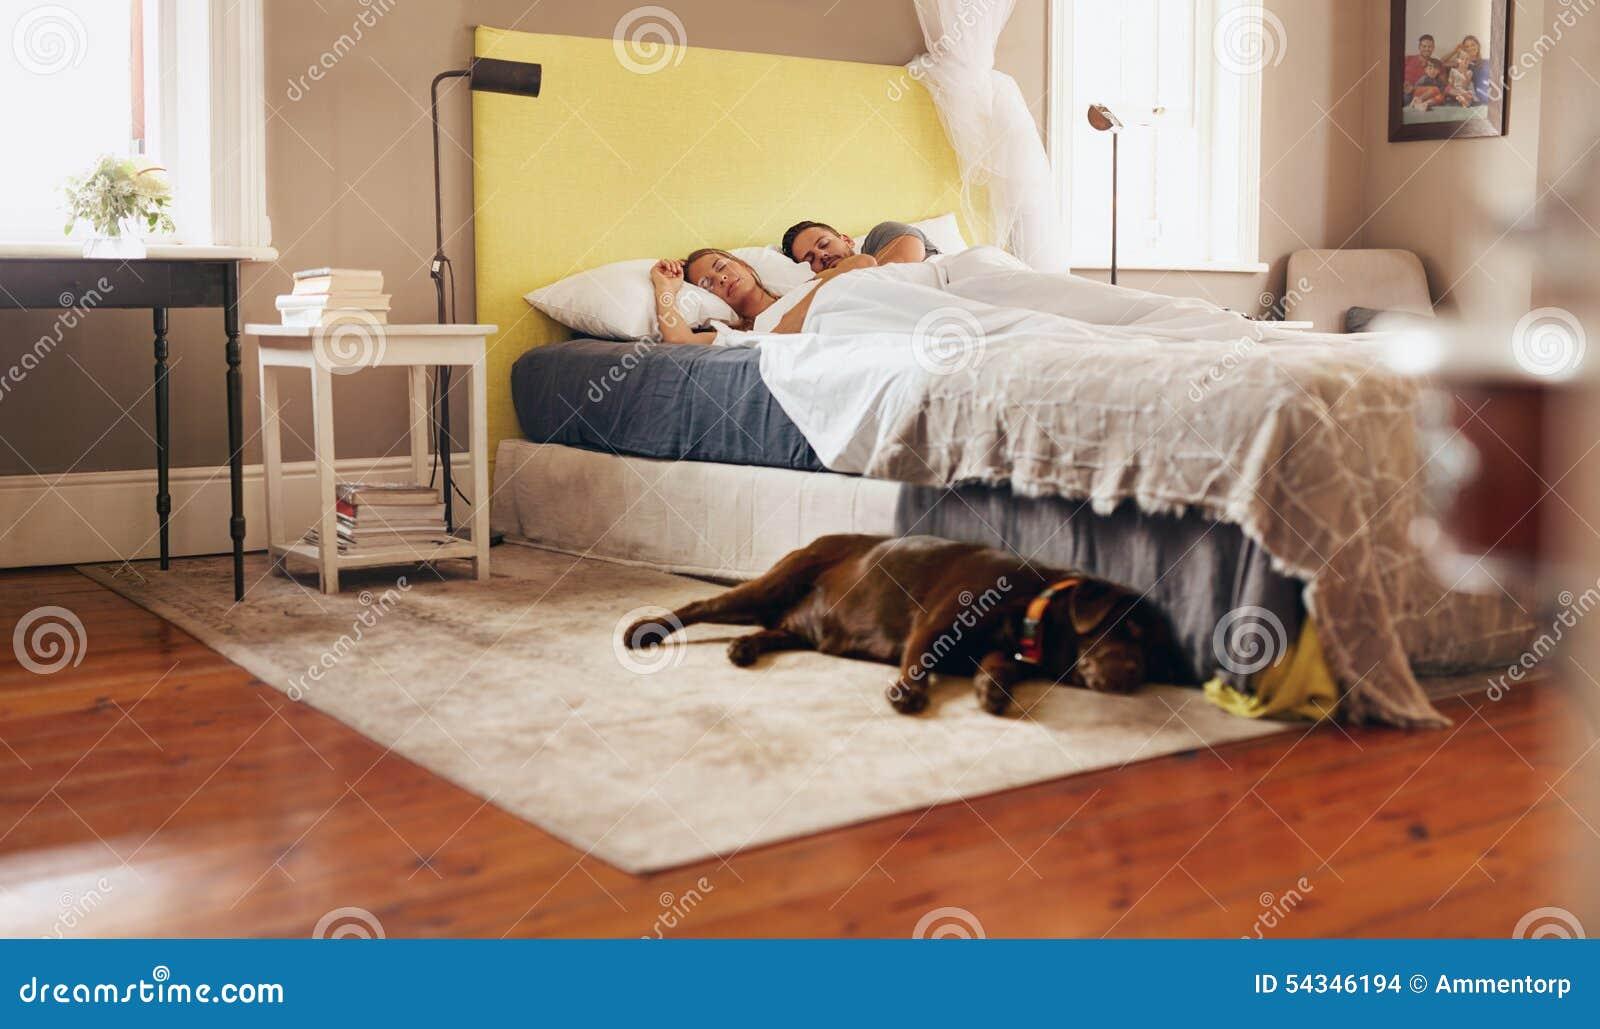 schlafzimmer junge verschiedene ideen f r die raumgestaltung inspiration. Black Bedroom Furniture Sets. Home Design Ideas